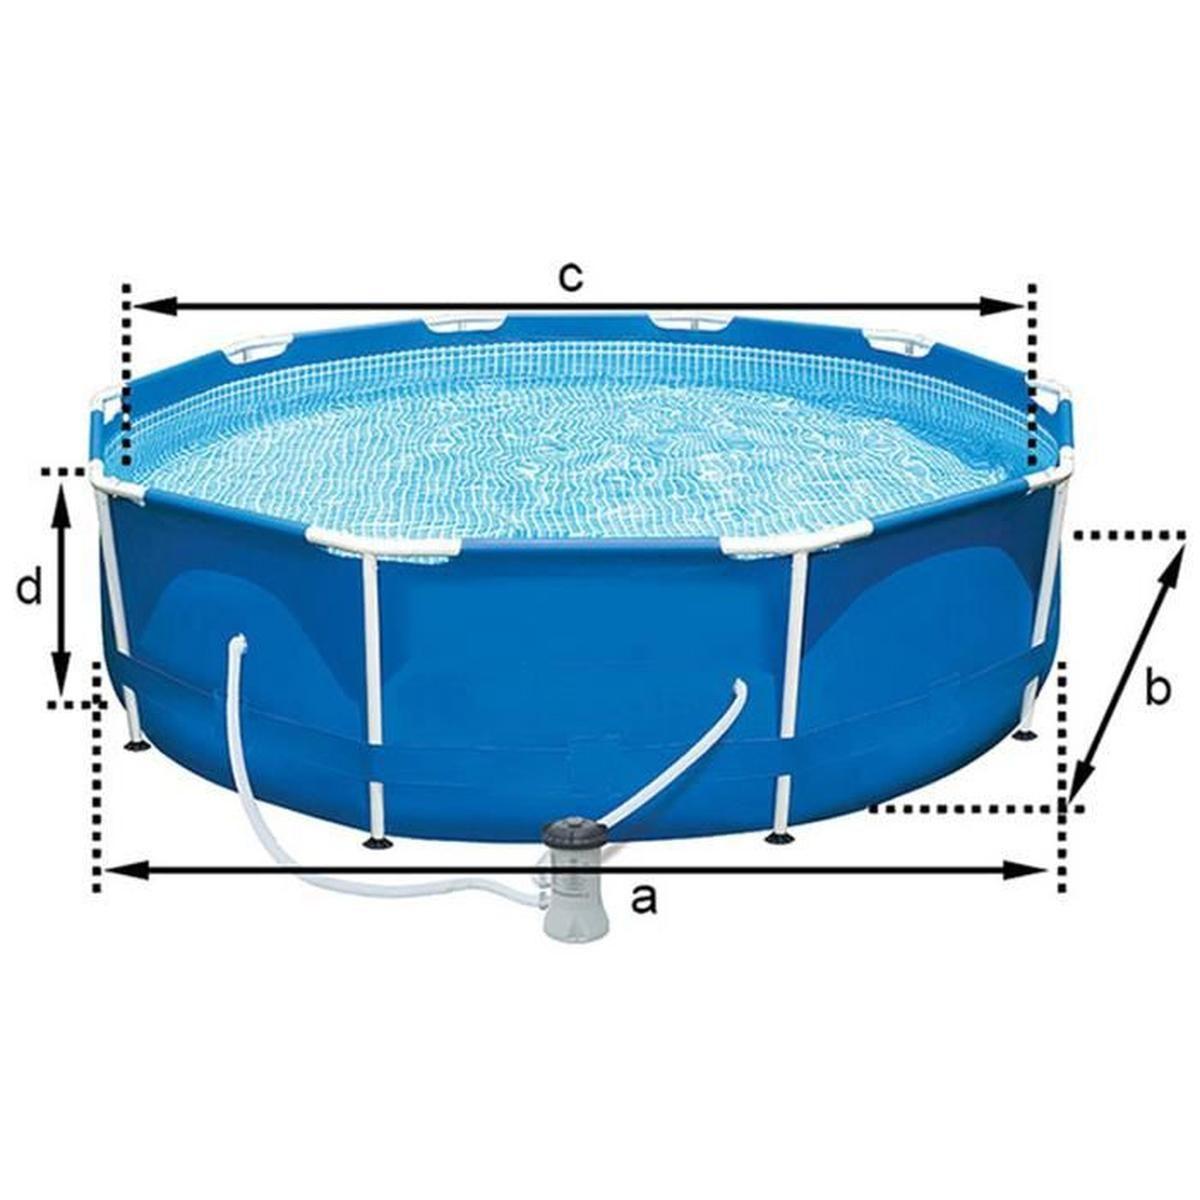 Piscine Tubulaire Coloris Bleu Dim : H76 X D305 Cm dedans Piscine Tubulaire Cdiscount